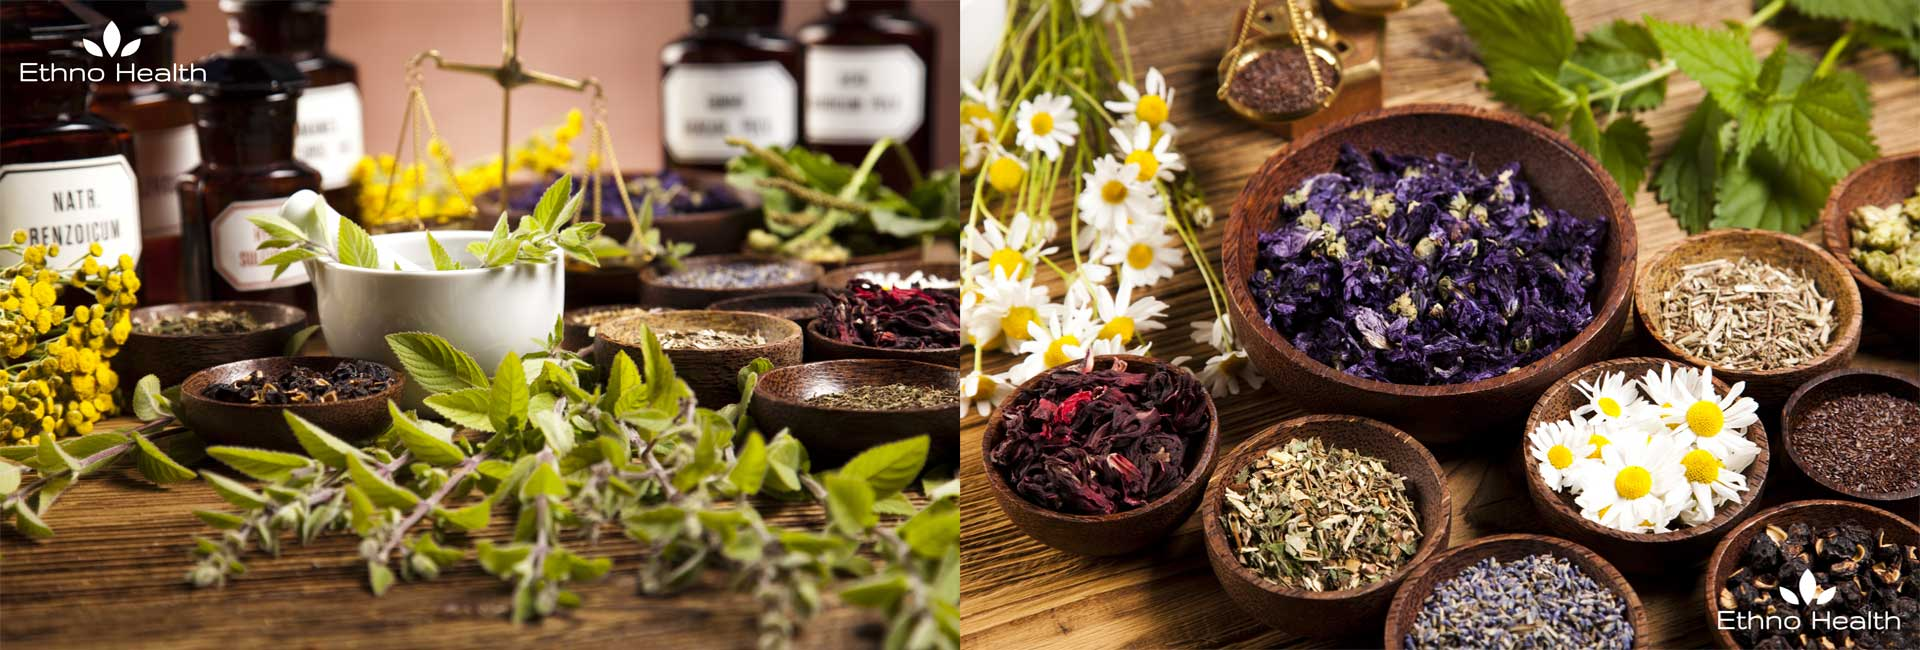 Diverse Kräuter und Reagenzien, die zu Bio-Produkten von Ethno Health verarbeitet werden